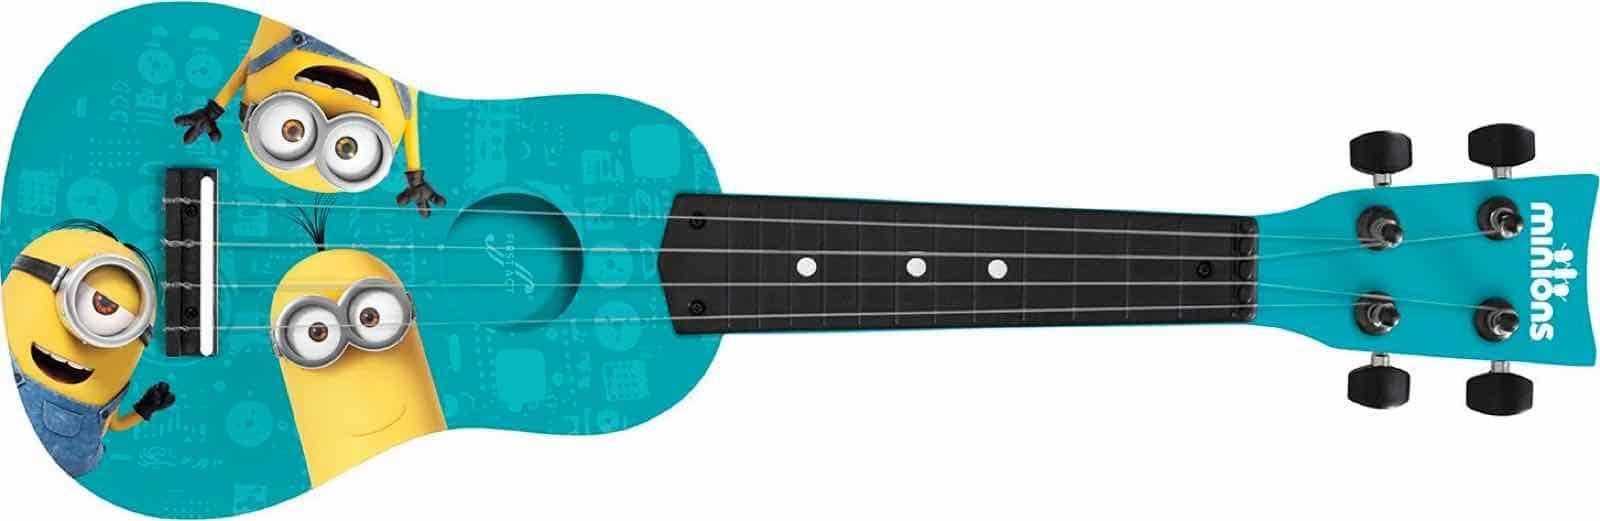 huong-dan-chon-mua-dan-ukulele-chi-tiet-nhat